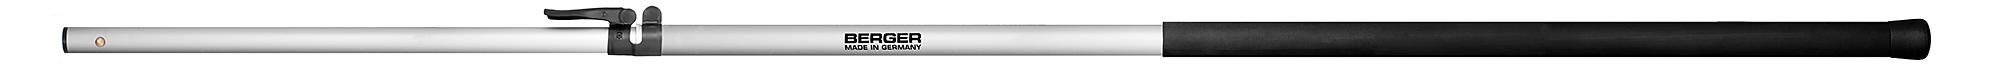 Телескопическая штанга Berger 2 секции серия Arbo